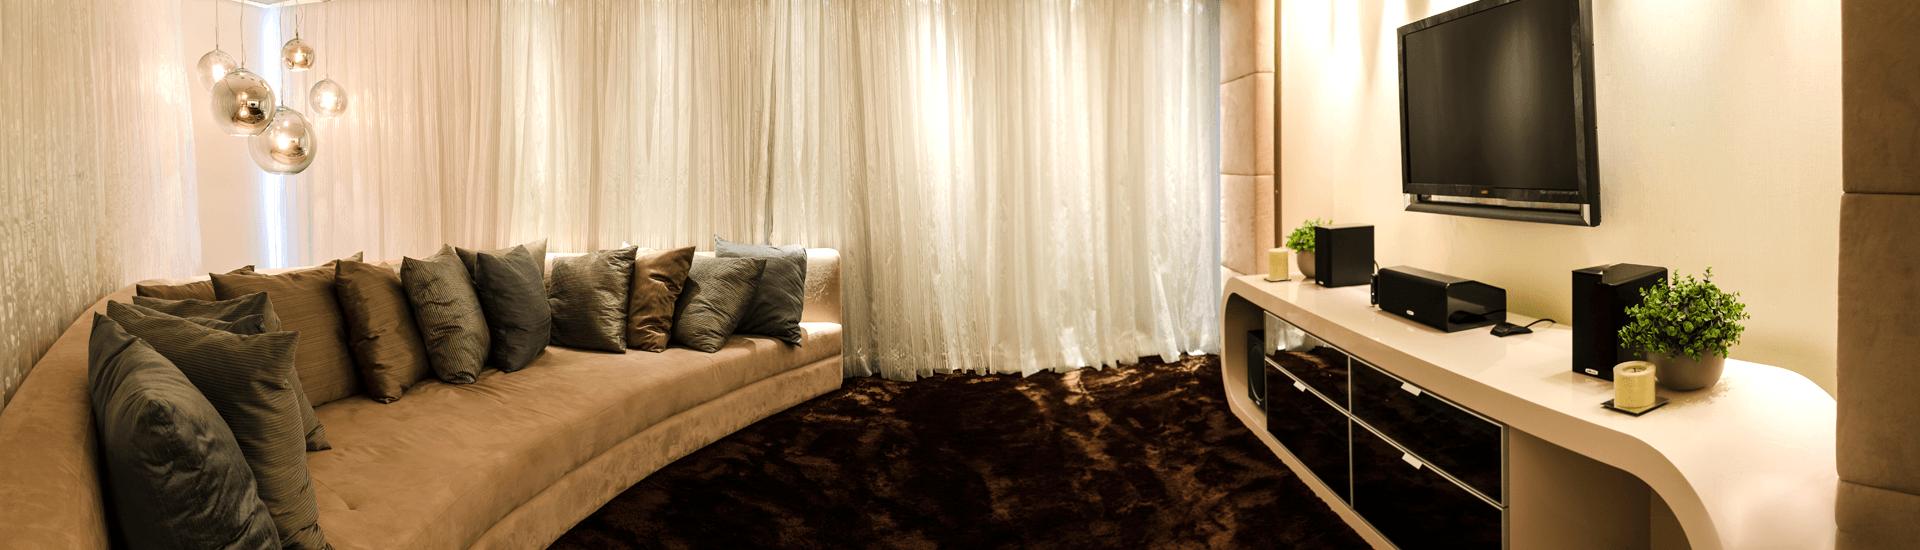 cortinas-florianopolis